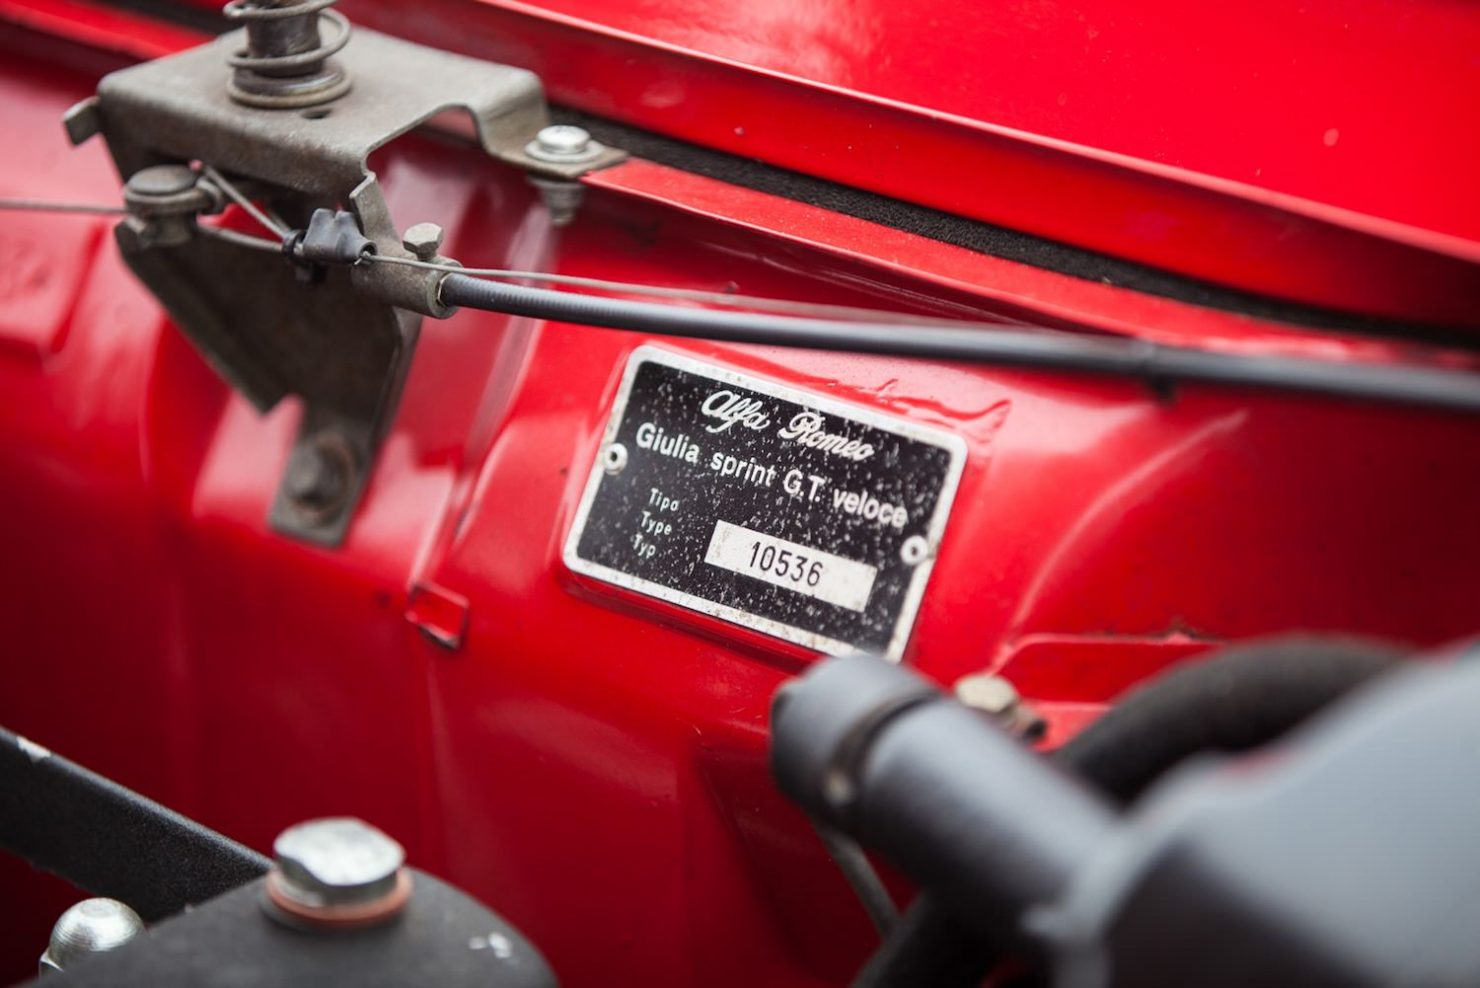 alfa romeo sprint gt veloce 12 1480x988 - 1967 Alfa Romeo Sprint GT Veloce